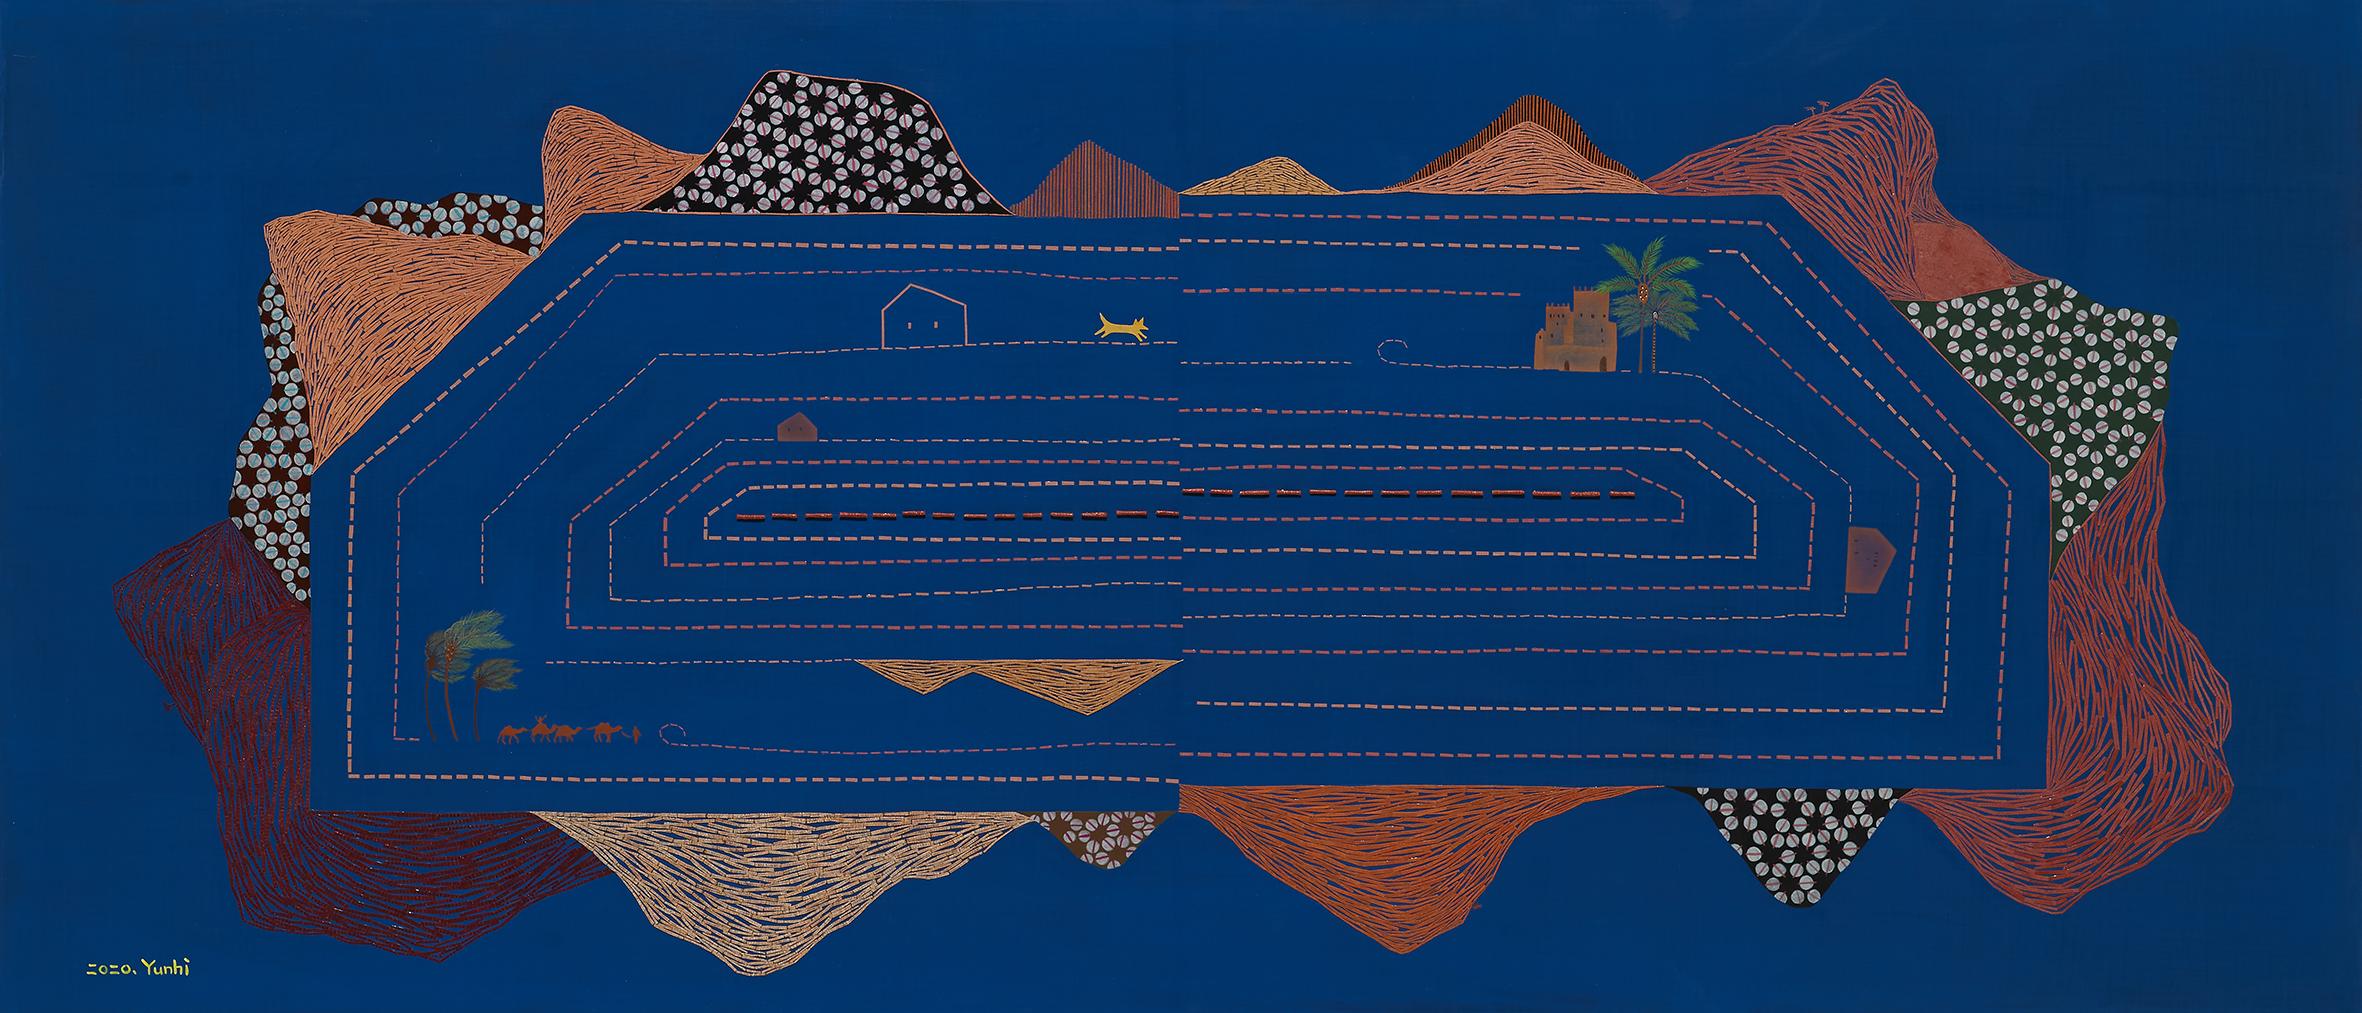 024, 최윤희, Mind map 20-16, 140 x 60 cm, 캔